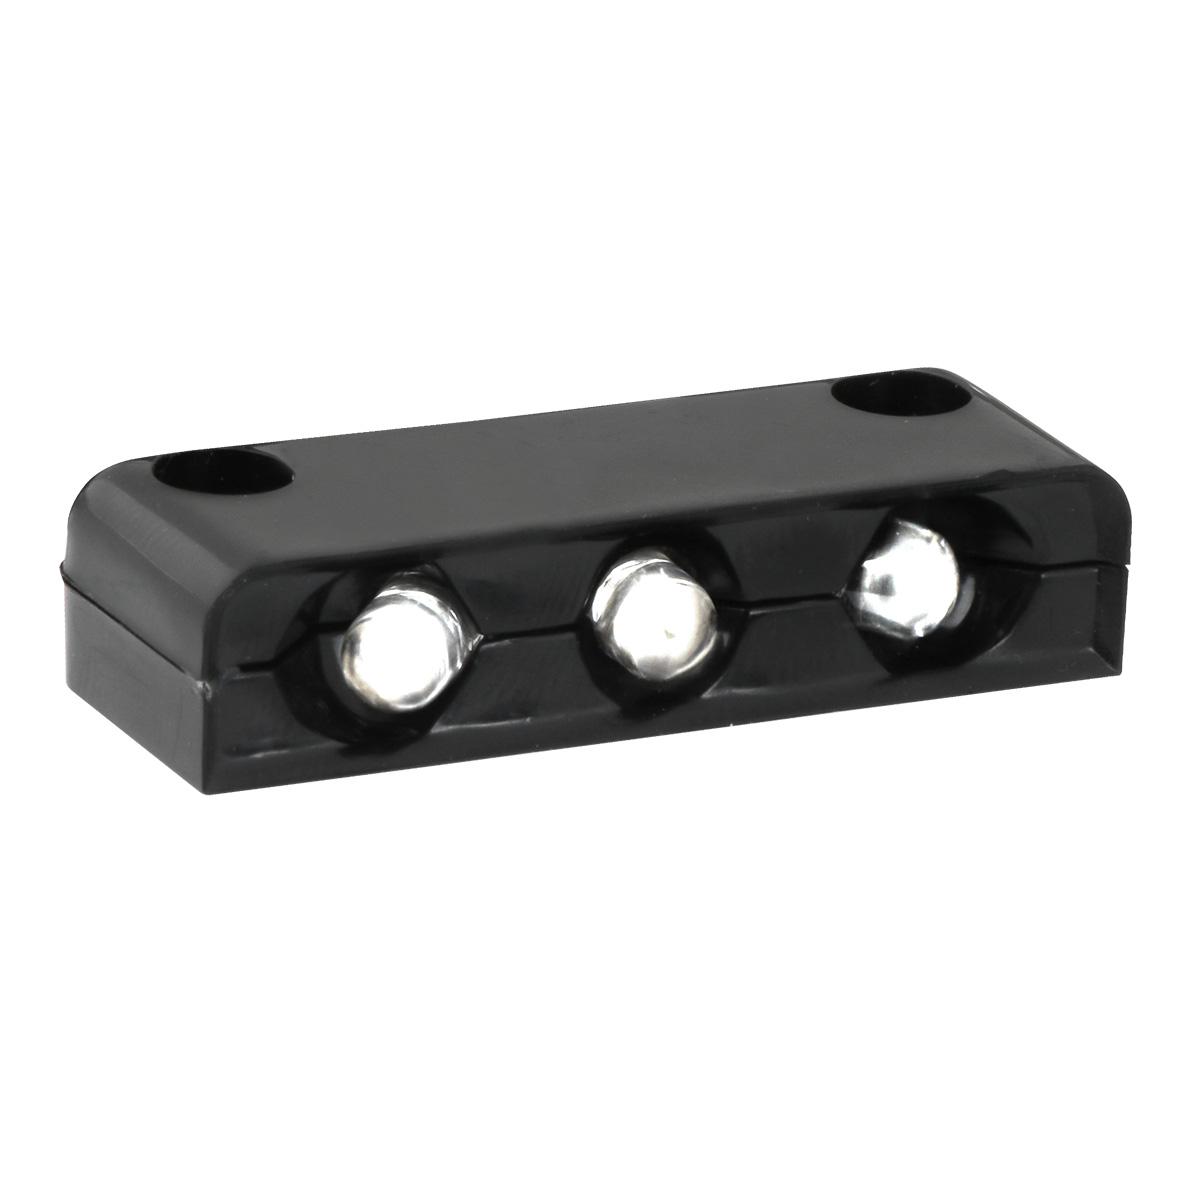 led step lights 87414 kns accessories. Black Bedroom Furniture Sets. Home Design Ideas